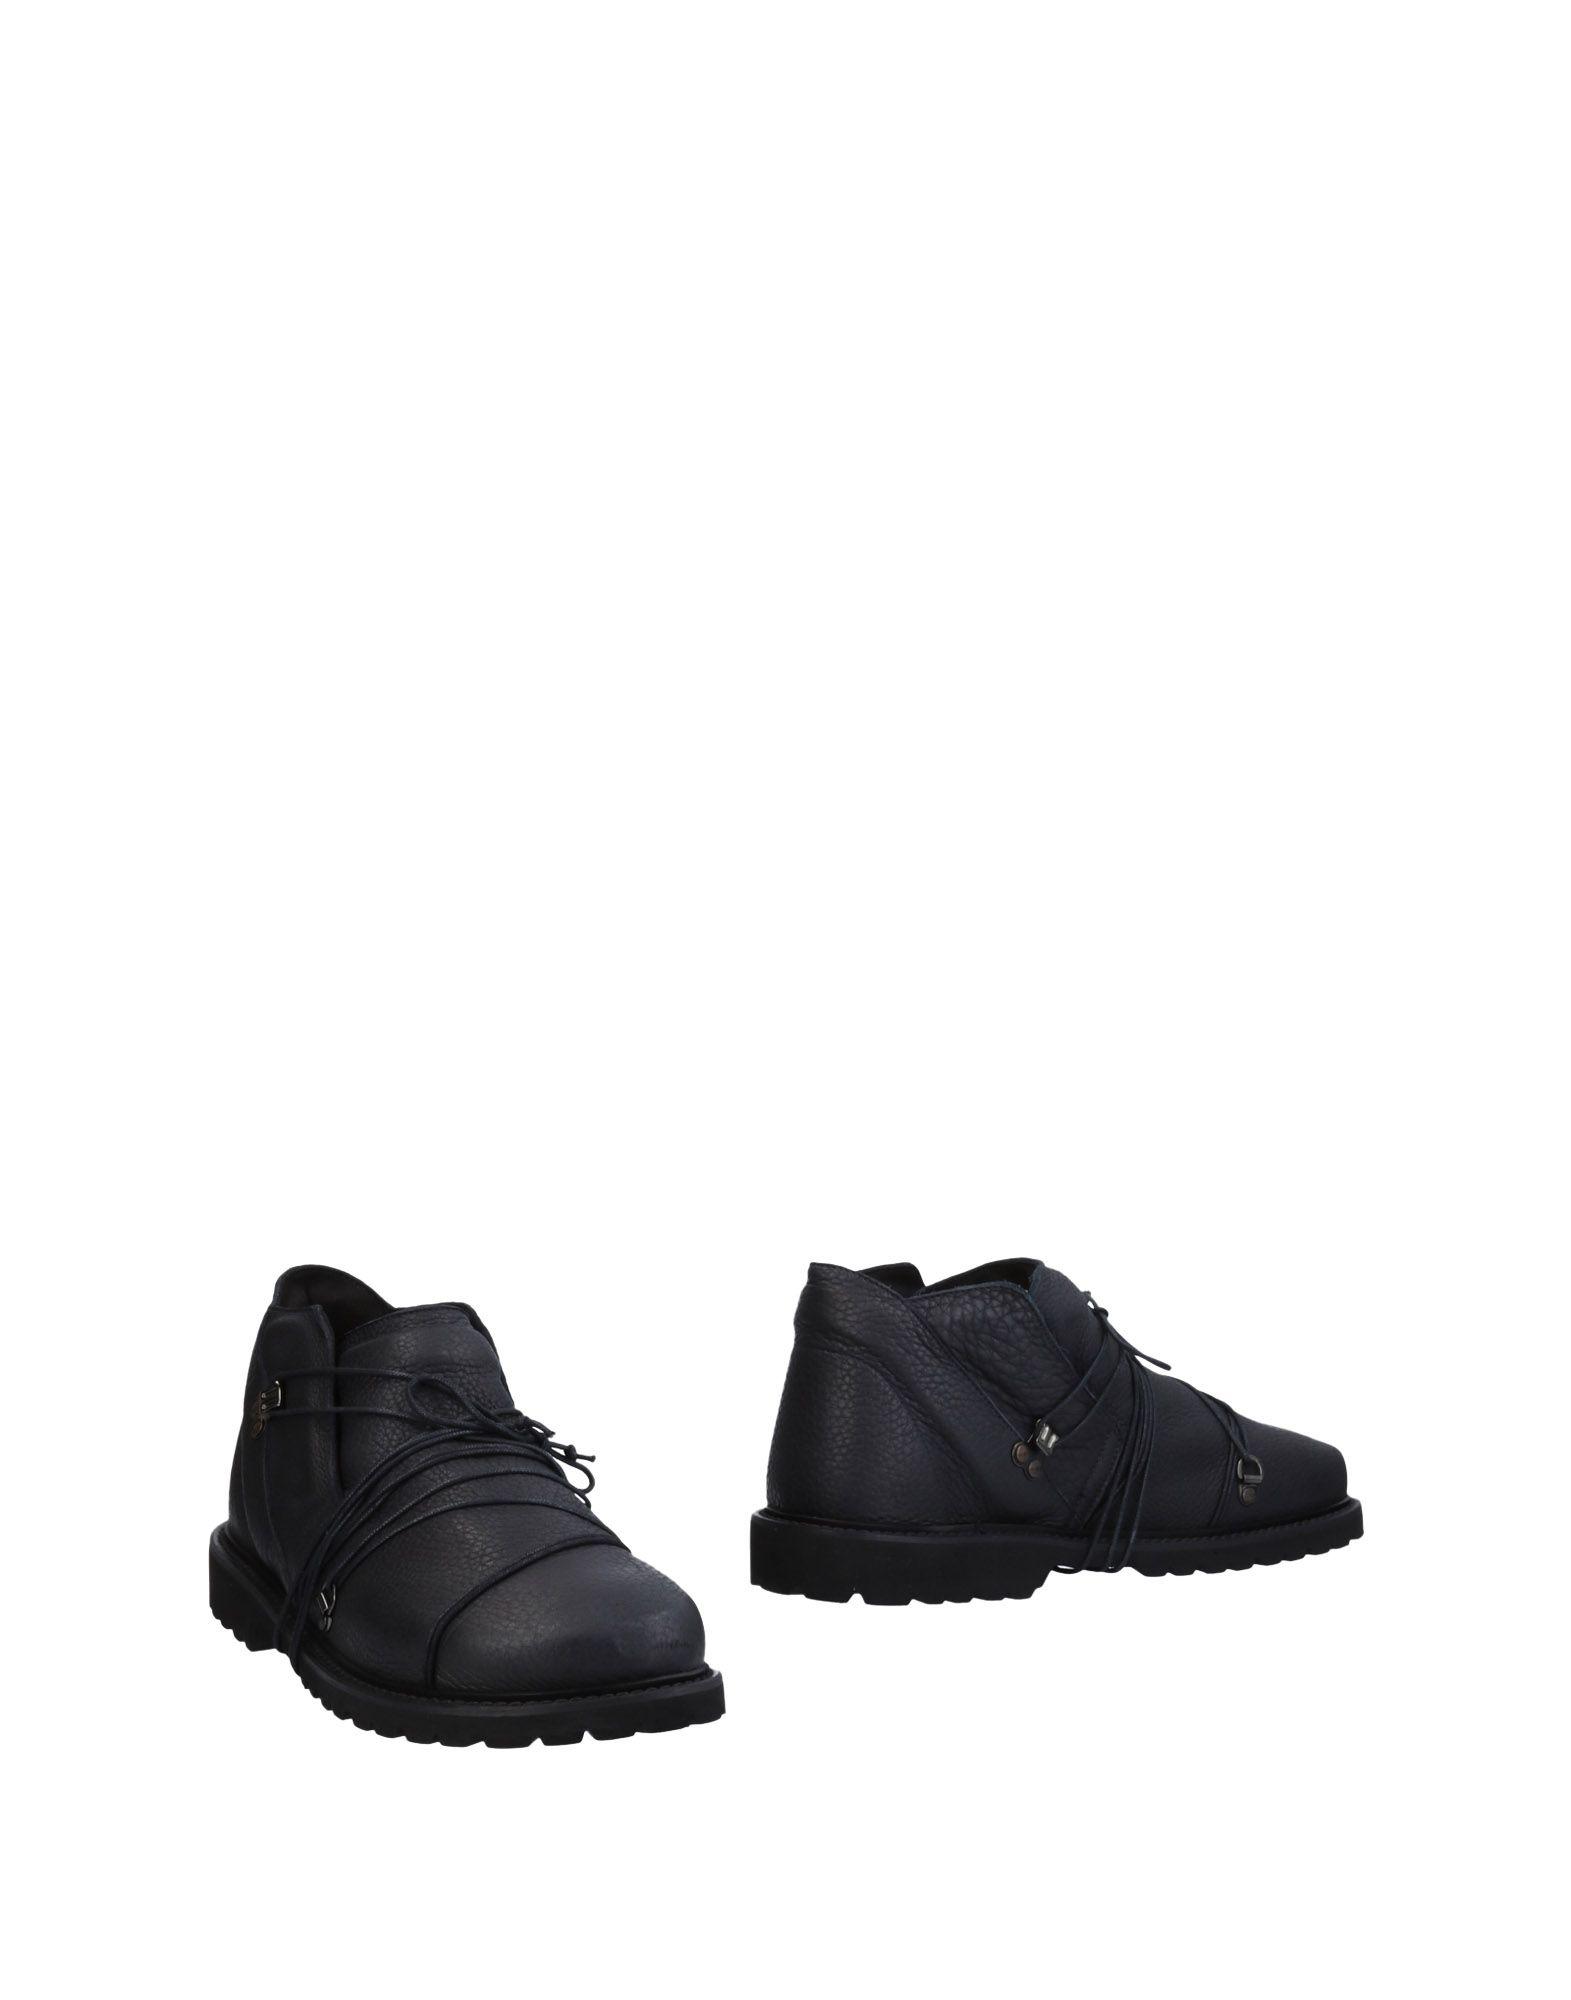 Peter Non Stiefelette Herren  11455917NU Gute Qualität beliebte Schuhe